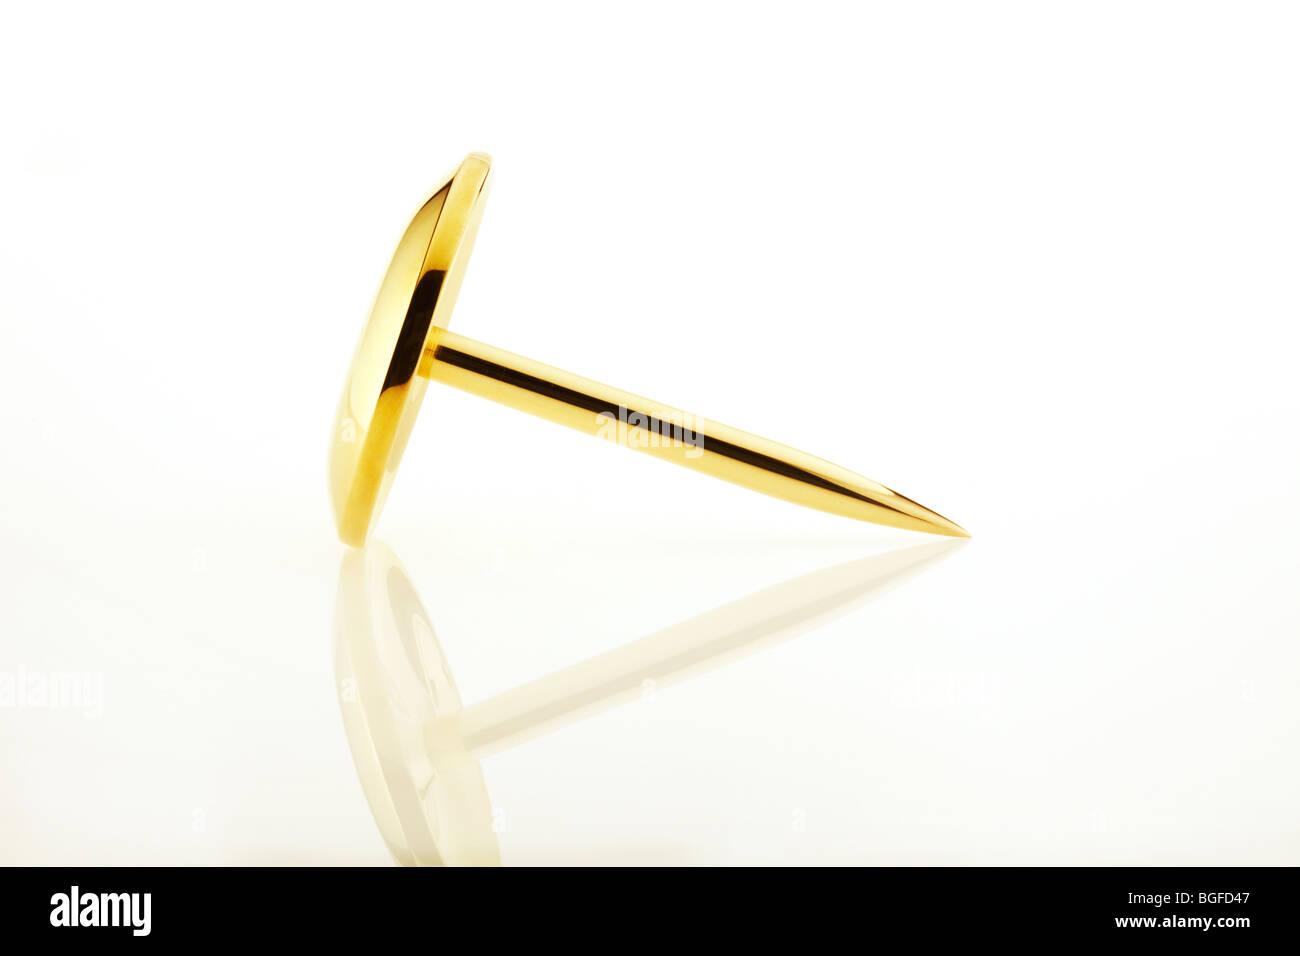 Drawing Pin Close Up - Stock Image